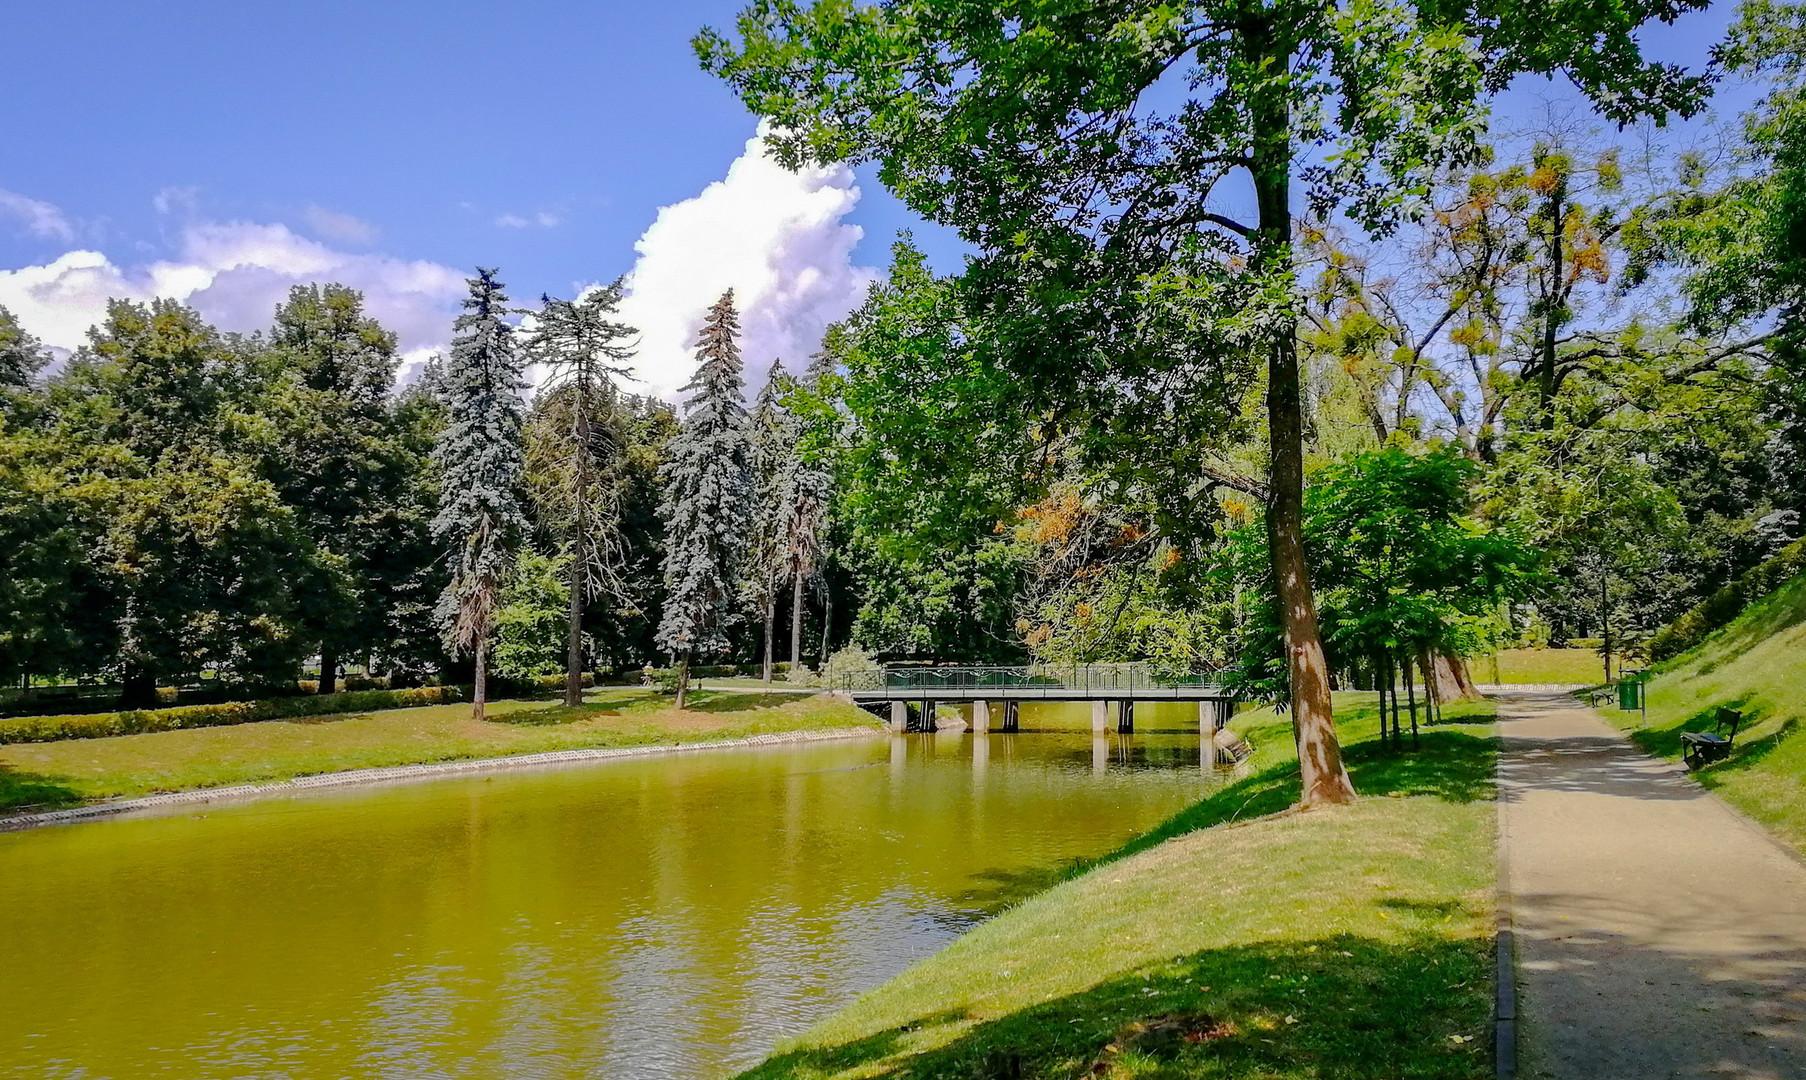 Аллеи в парке Замосци